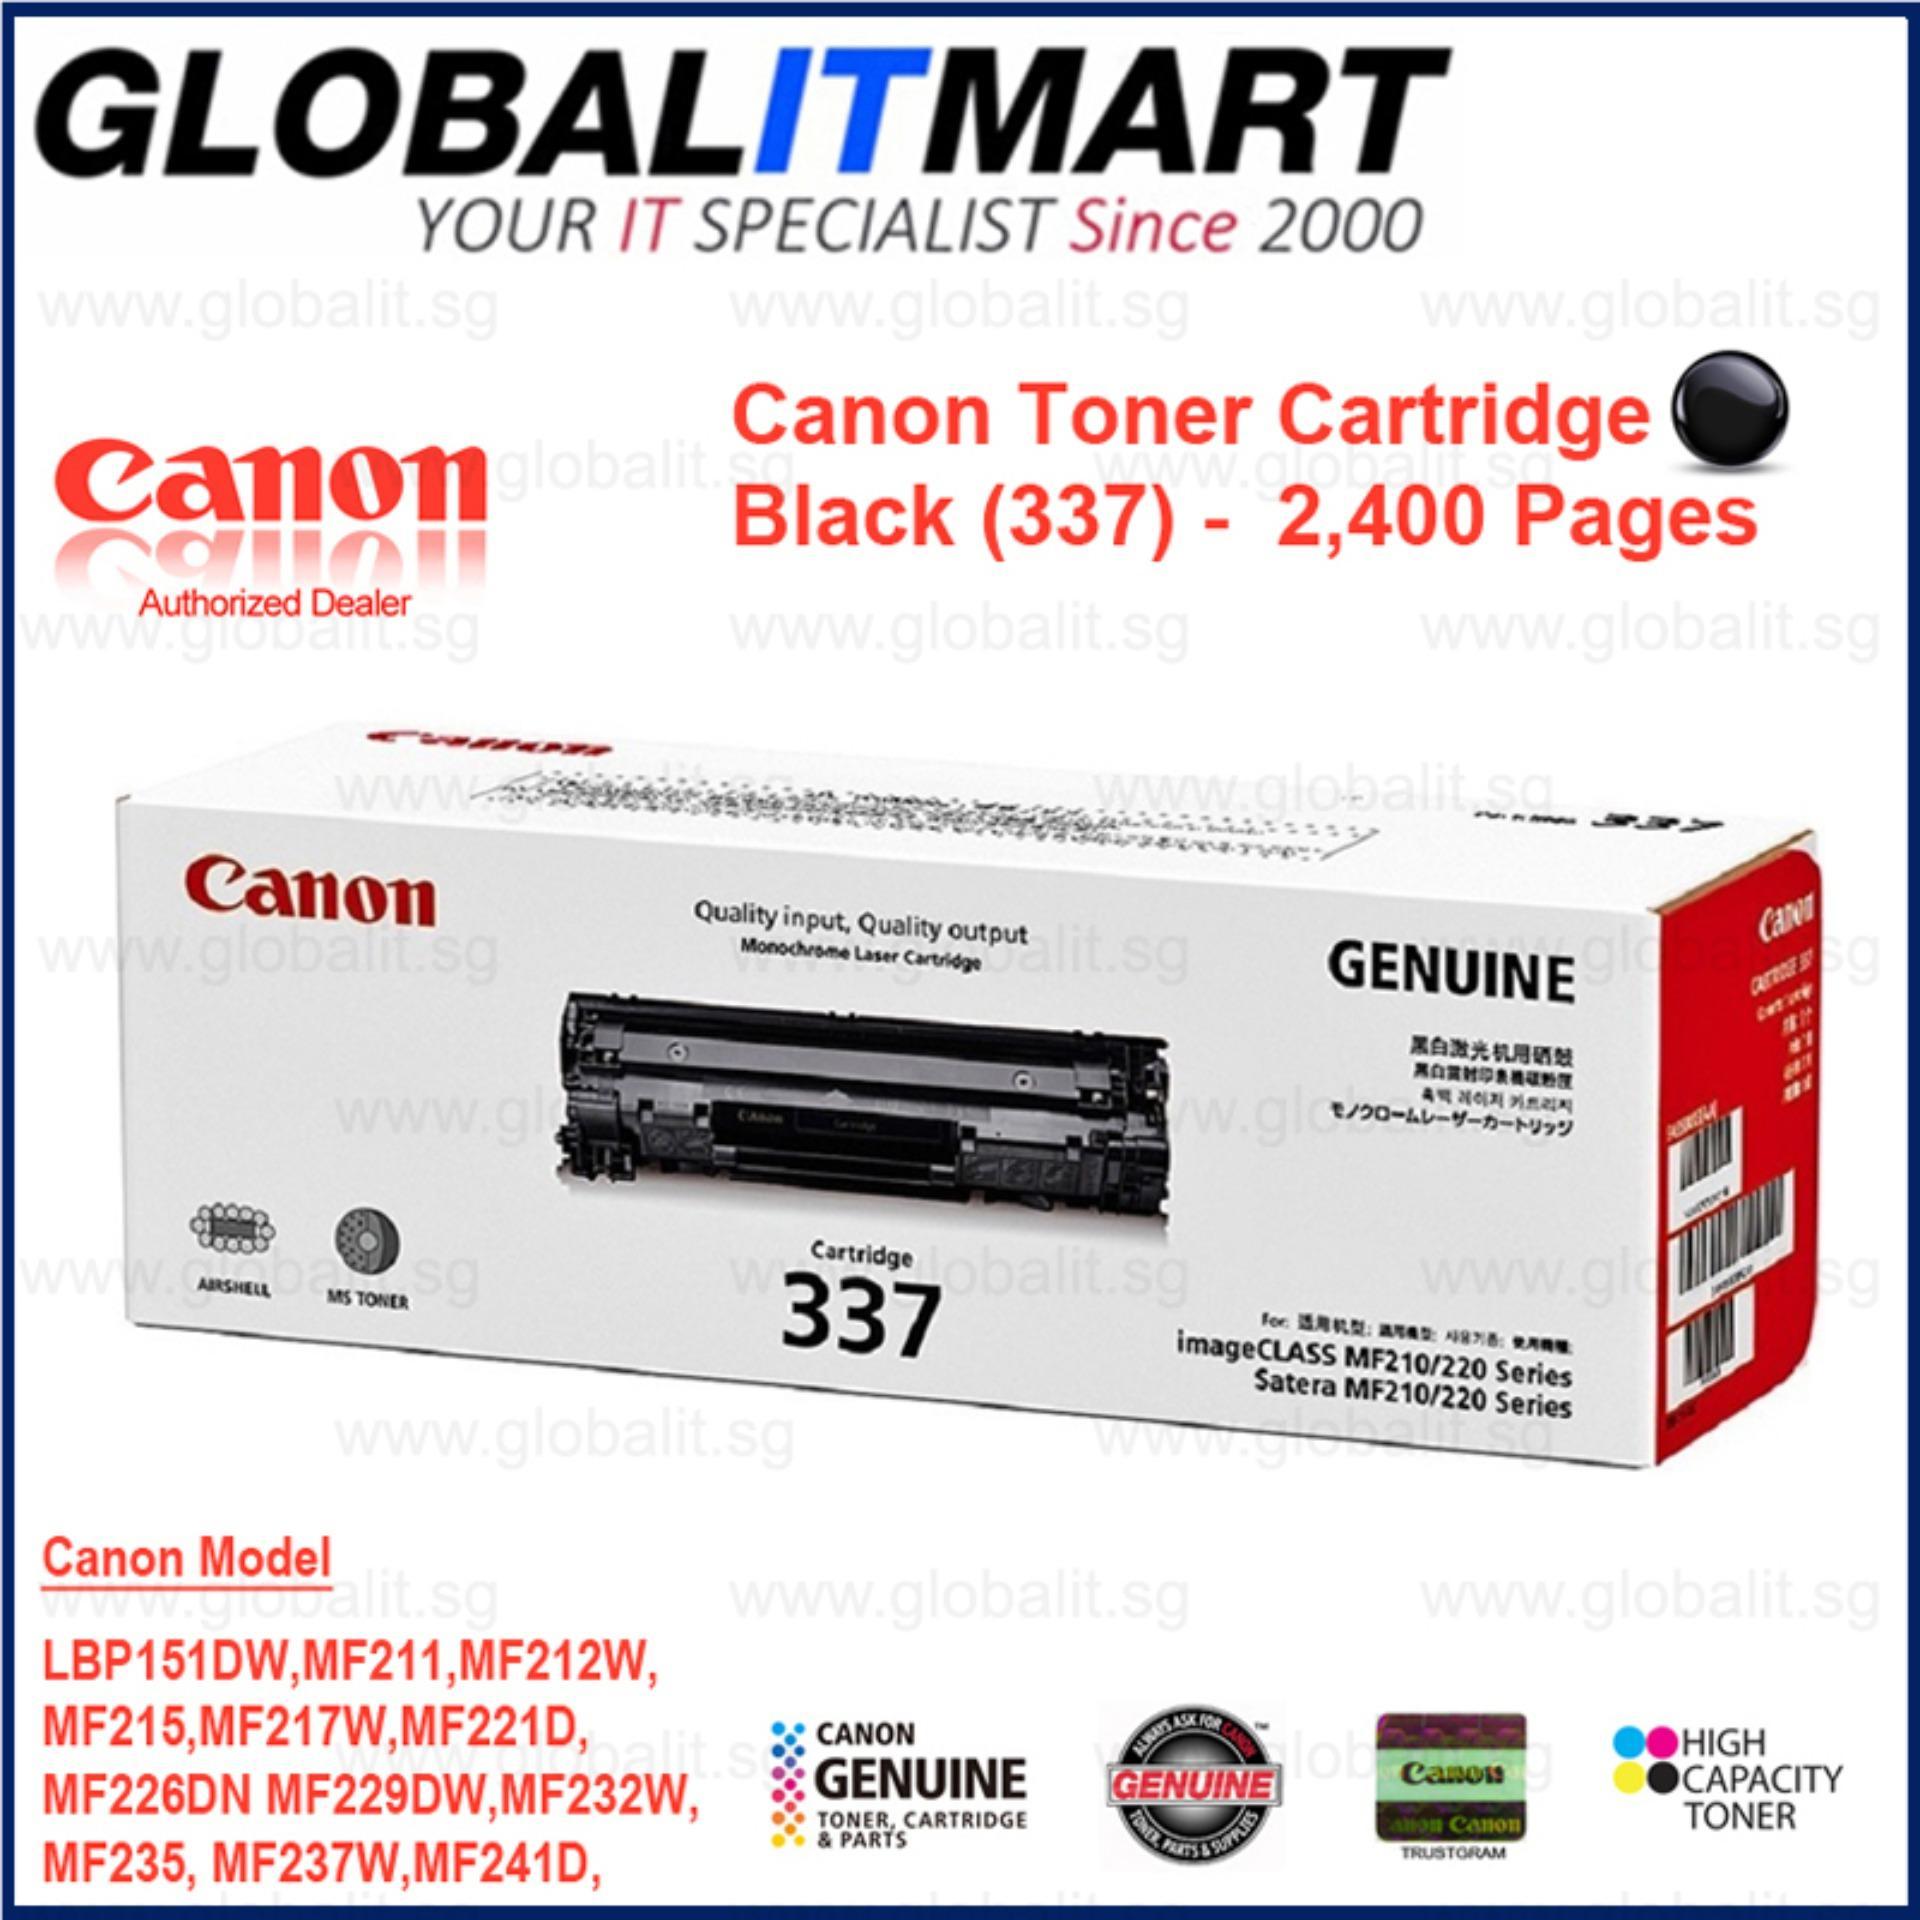 Price Canon 337 Original Toner Cartridge 2 4K For Lbp151Dw Mf211 Mf212W Mf215 Mf217W Mf221D Mf226Dn Mf229Dw Mf232W Mf235 Mf237W Mf241D Mf244Dw Mf246Dn Mf249Dw Canon Online